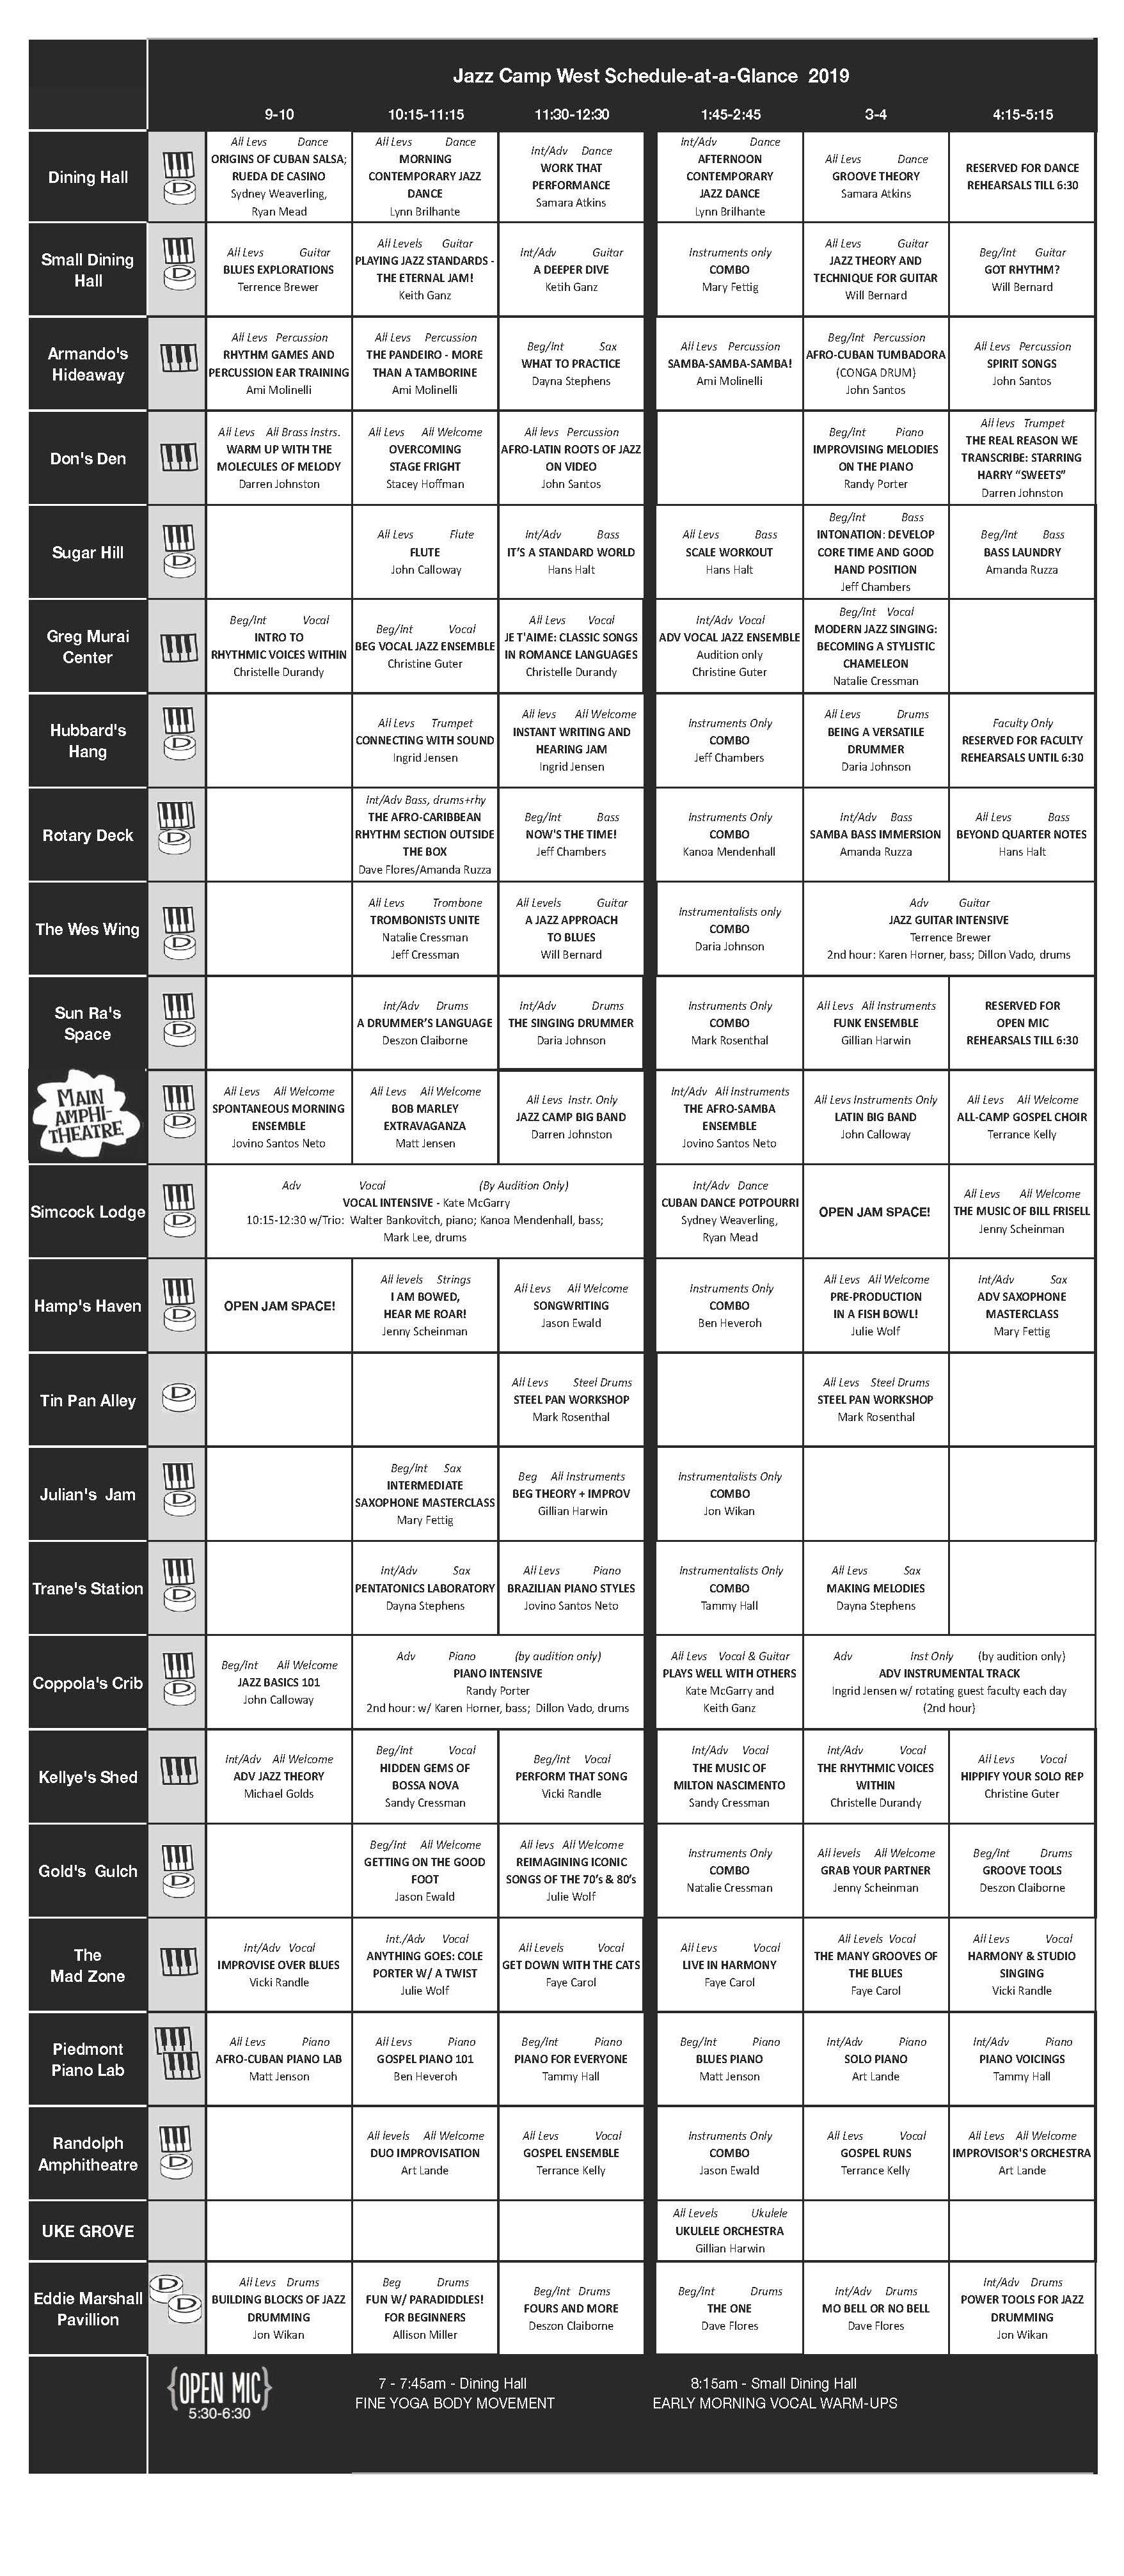 11+x+17+JC+2019+FINAL+Daily+Schedule_ver2.jpg